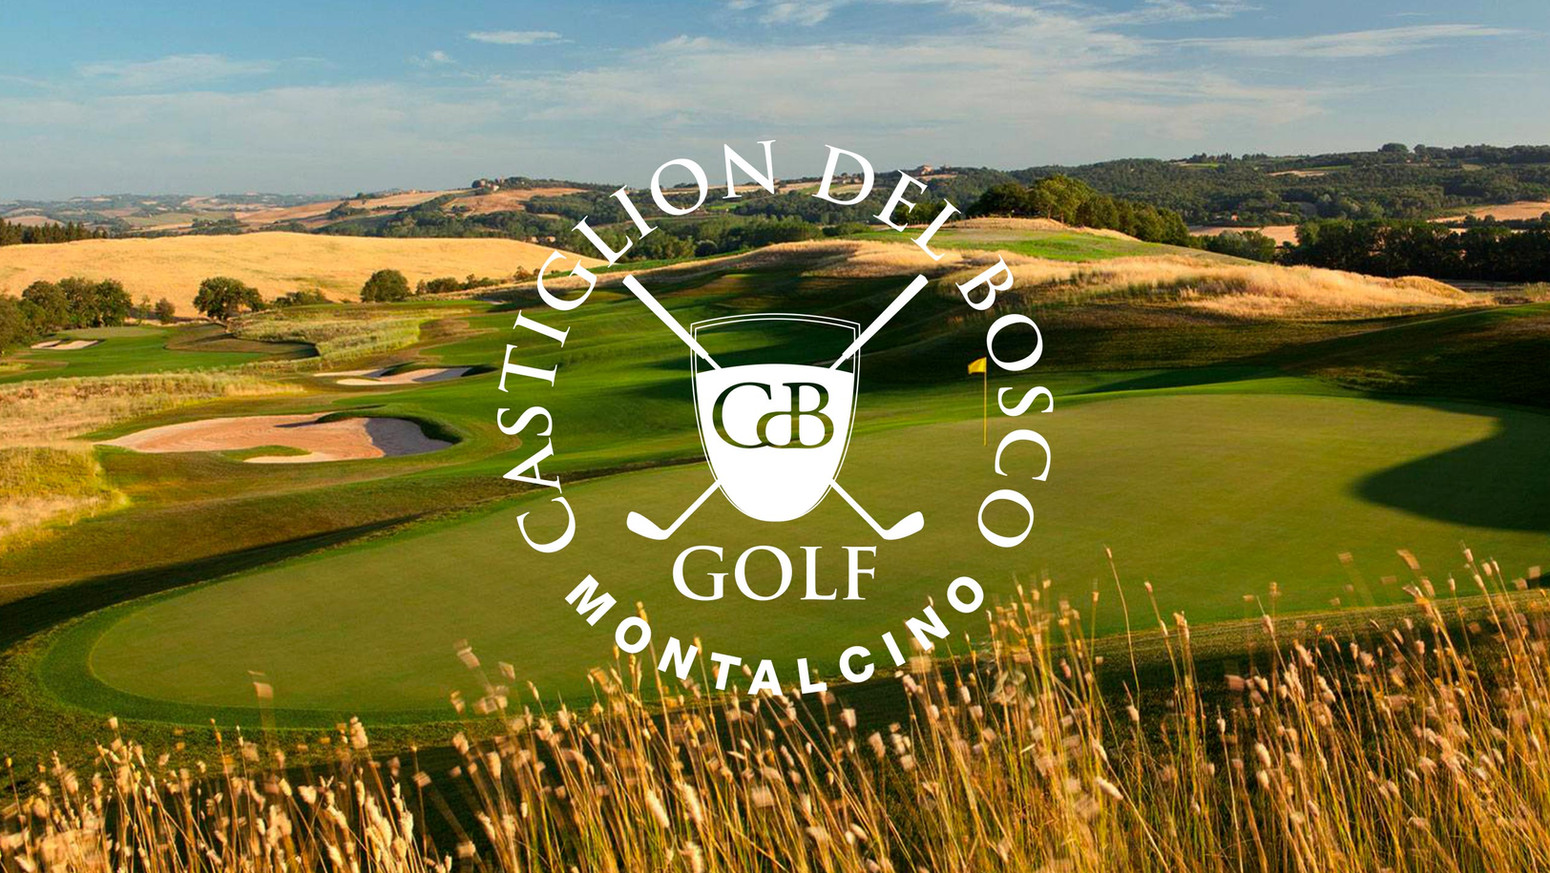 castiglion-del-bosco-1.jpg